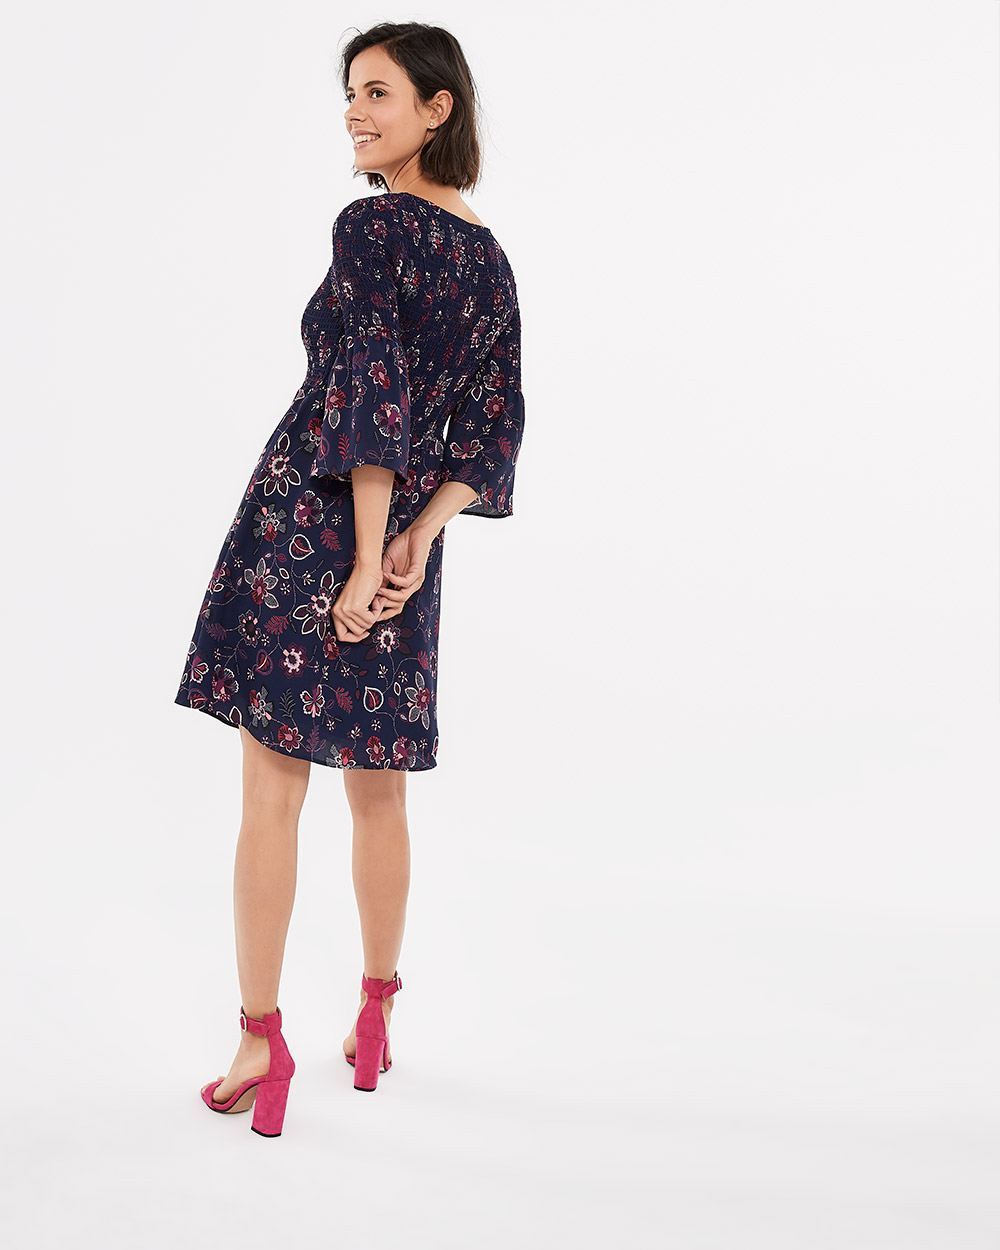 Smocking Printed Dress